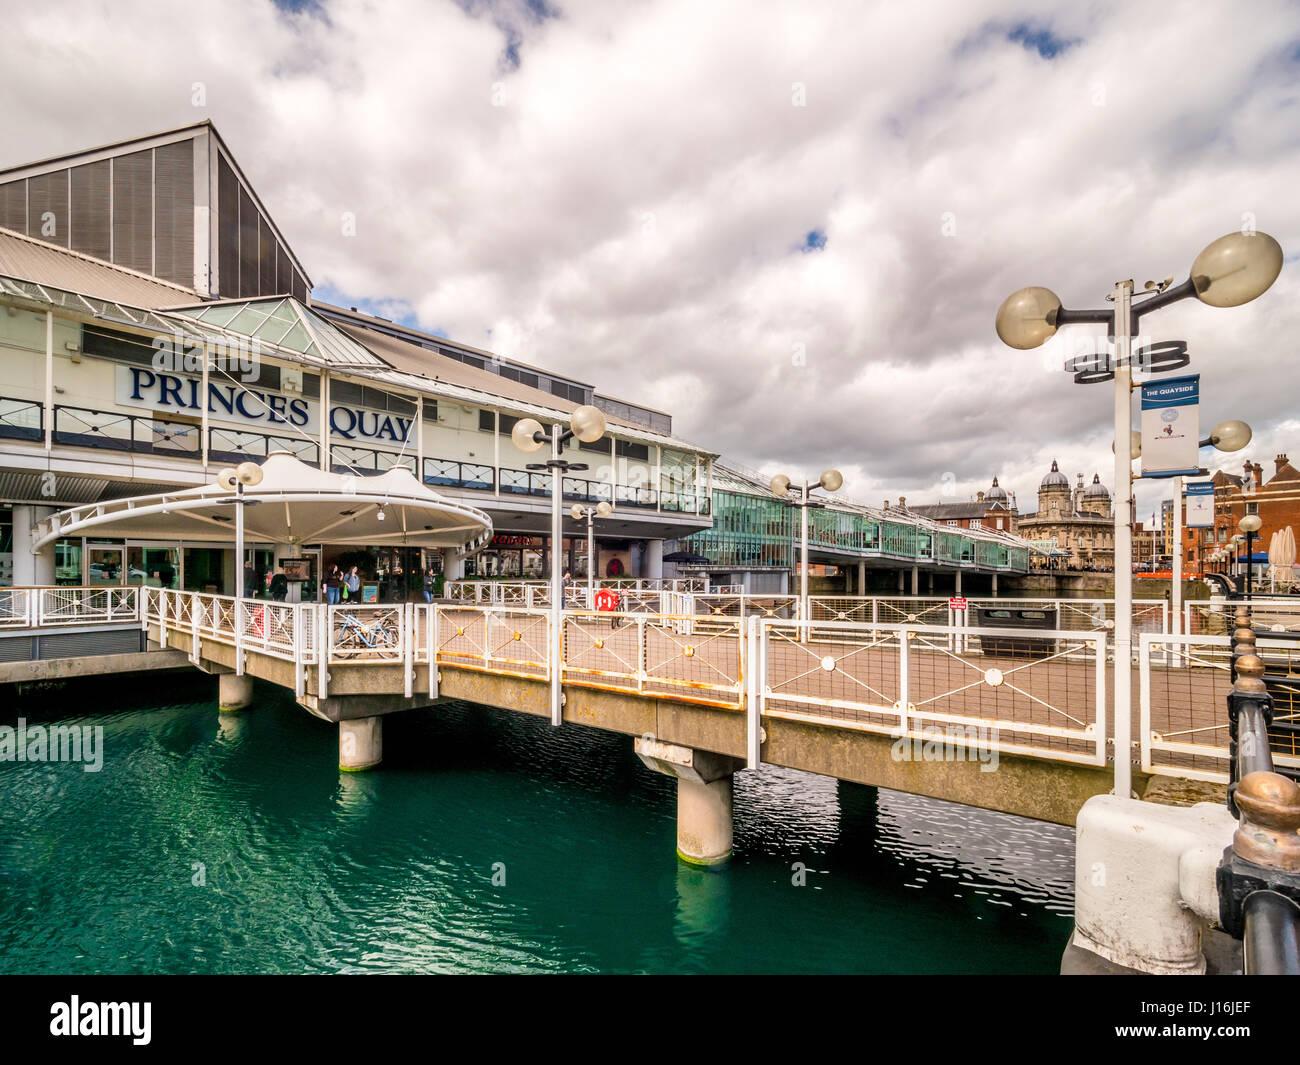 Prince's Quay shopping center su palafitte sulla tinta blu acqua del principe dock, Hull, Regno Unito. Immagini Stock